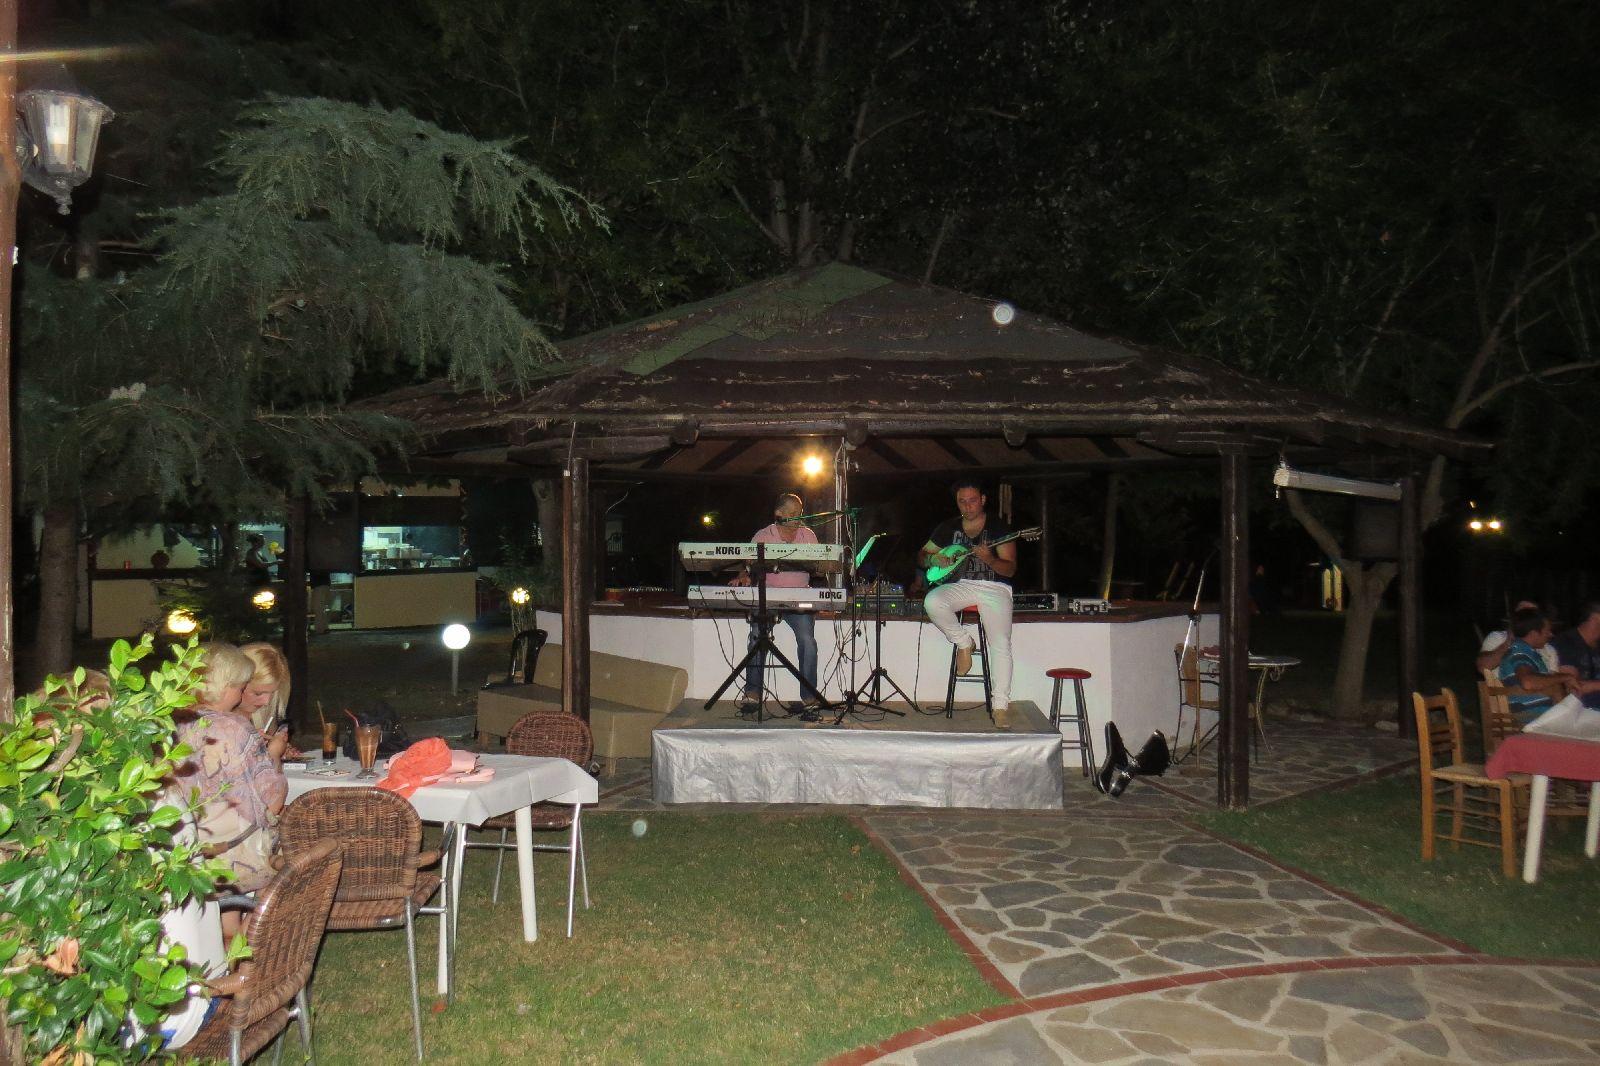 Oglądasz obraz z artykułu: Grecja bis - cd. Saloniki, wieczór grecki